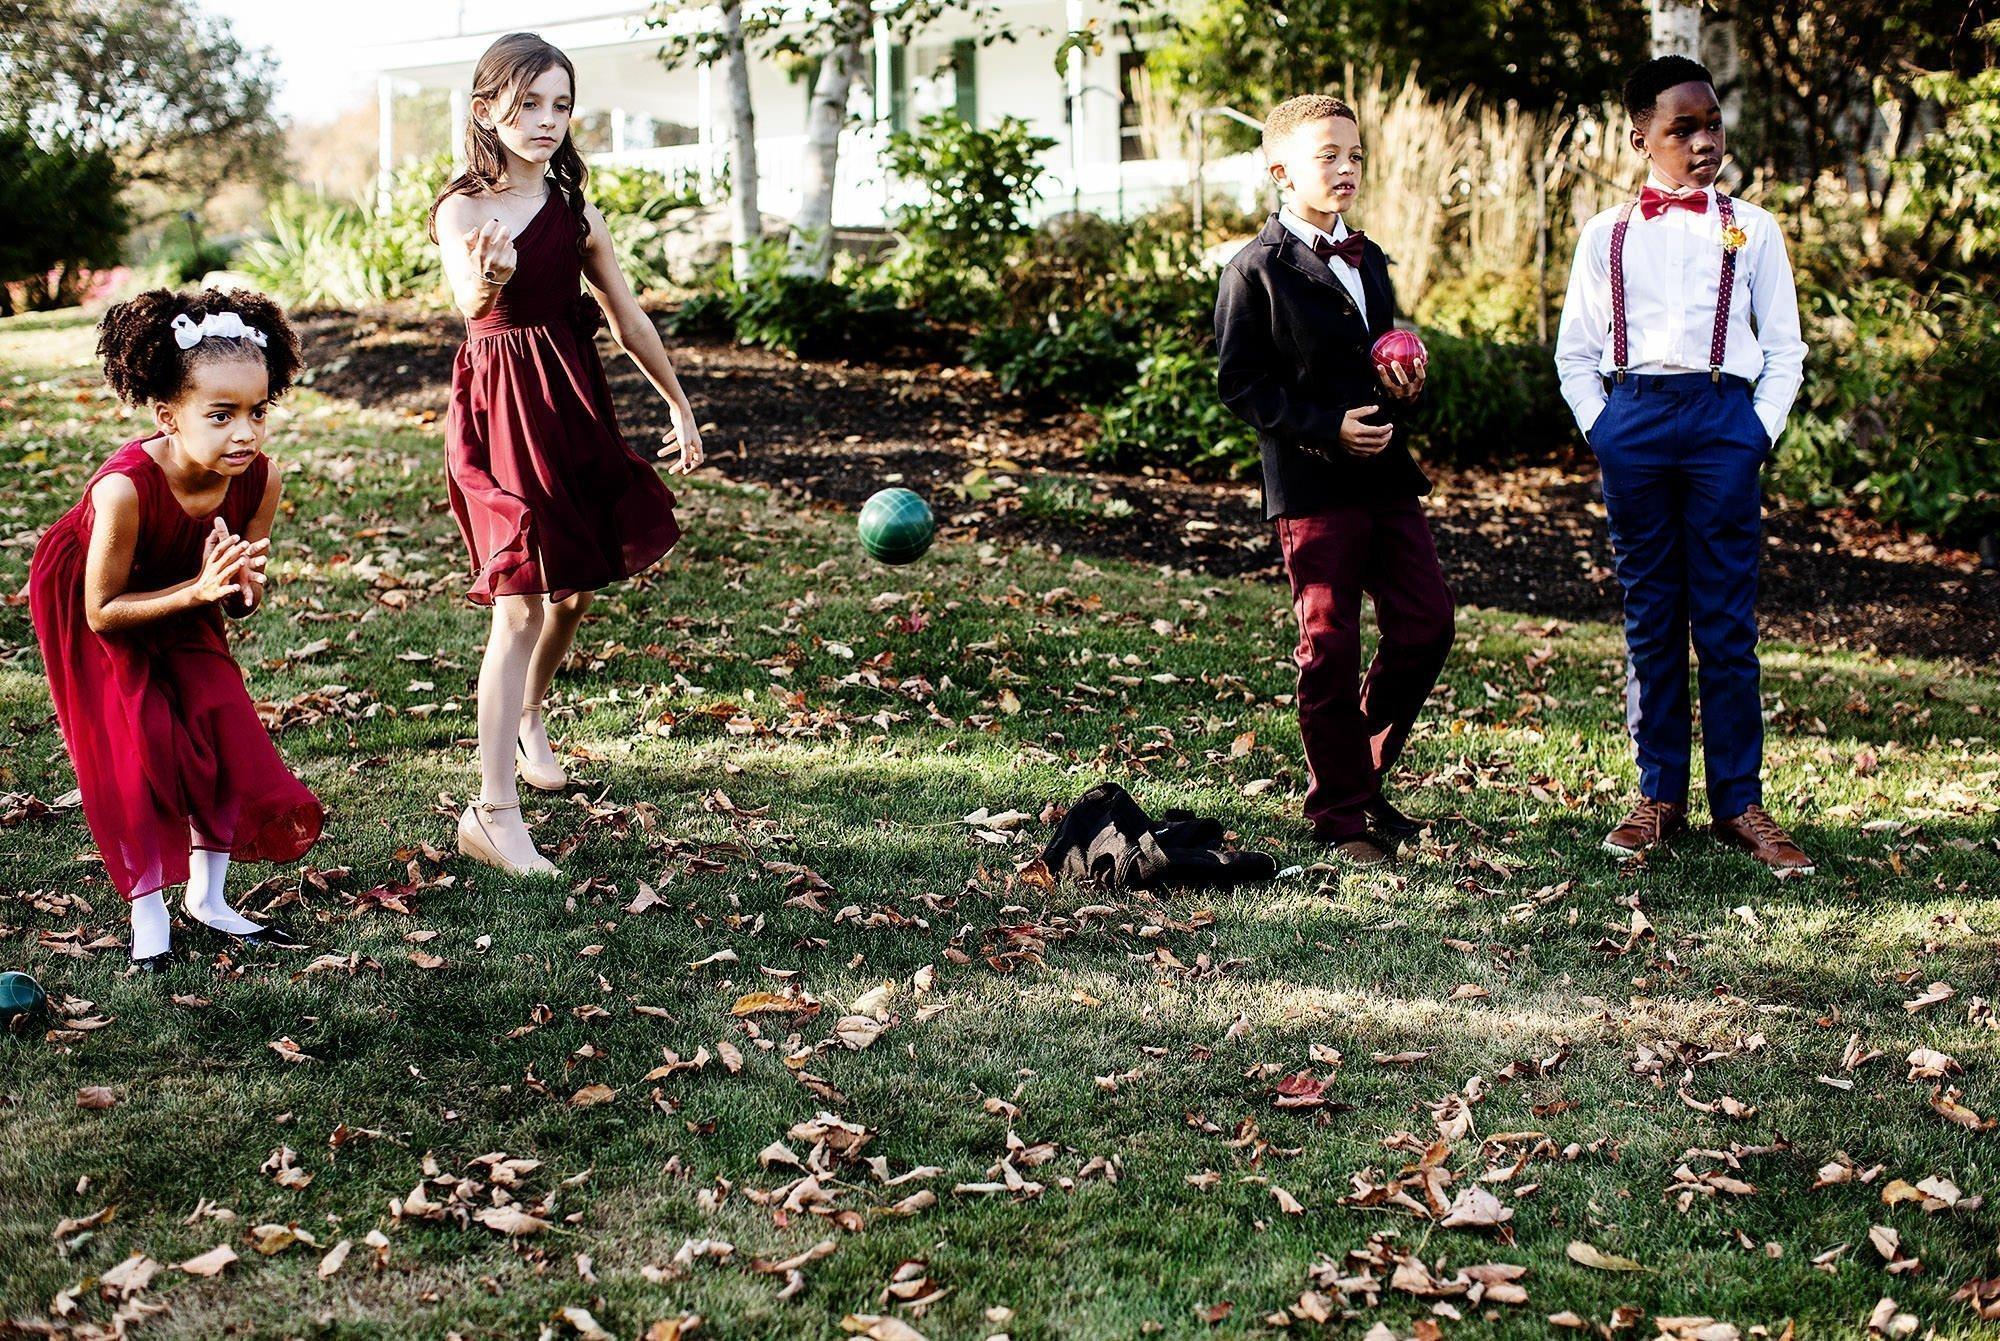 Harrington Farm Wedding  I  Kids play bocce ball before the ceremony.